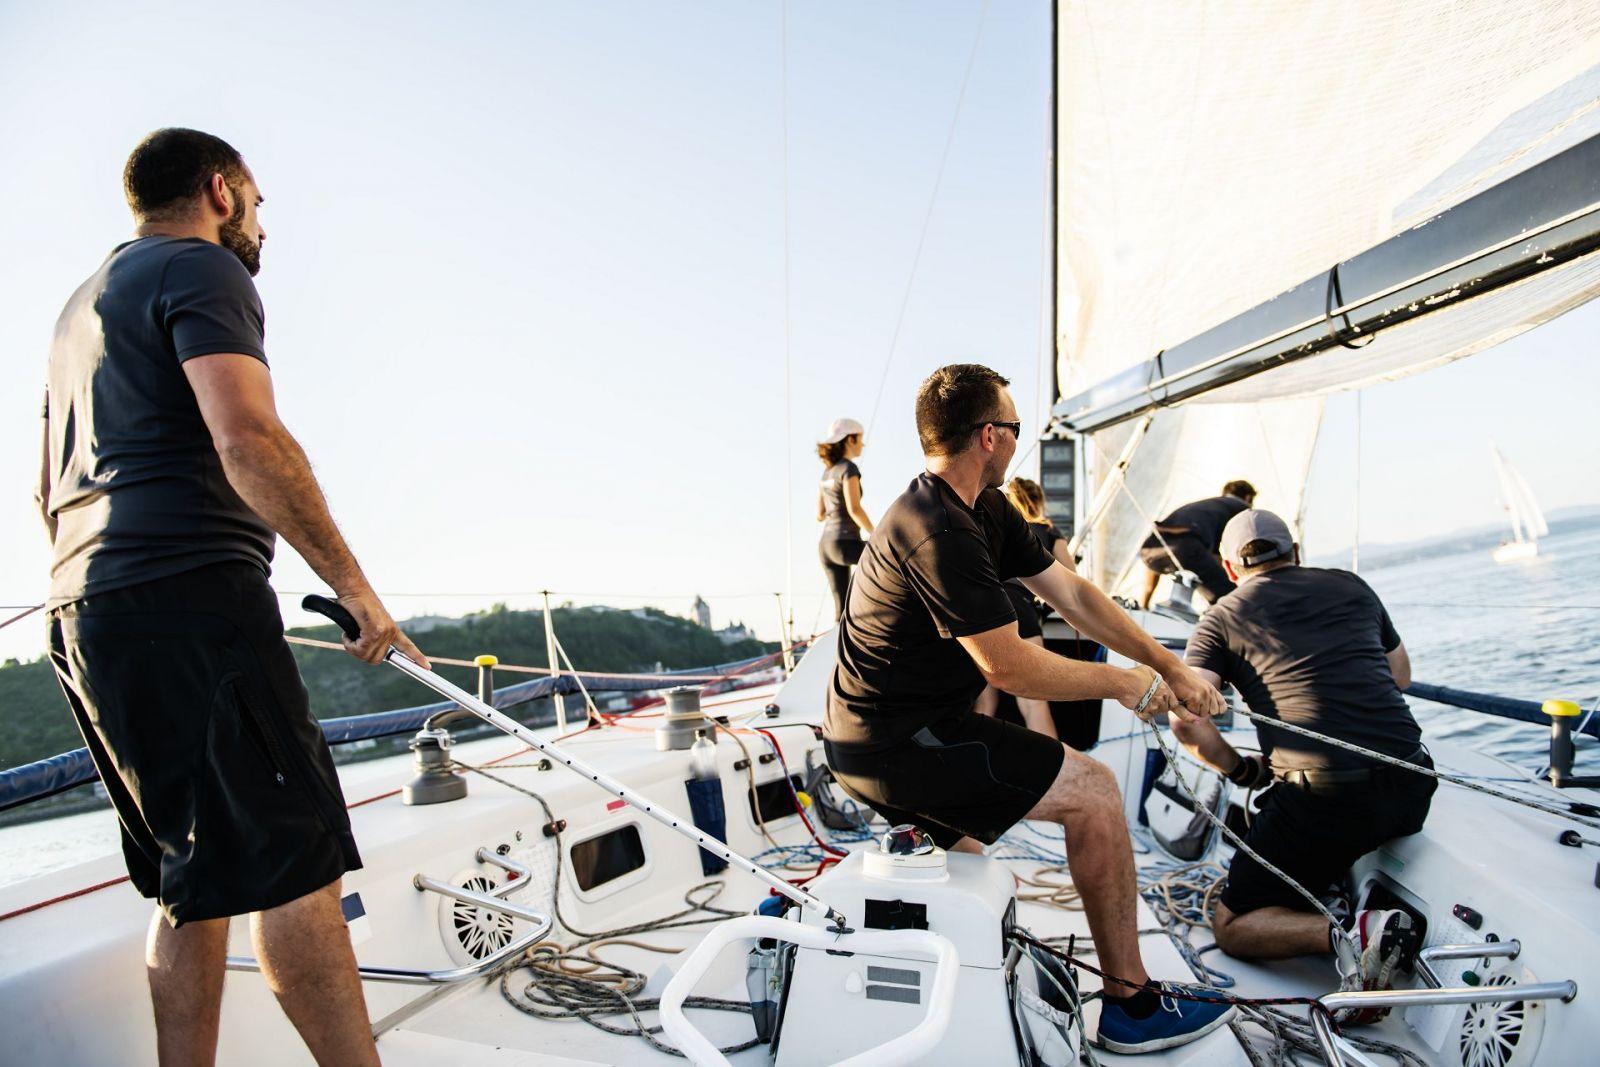 Der Skipper verteilt die Aufgaben an die Crew und leitet sie in Manövern an. ©pololia/AdobeStock